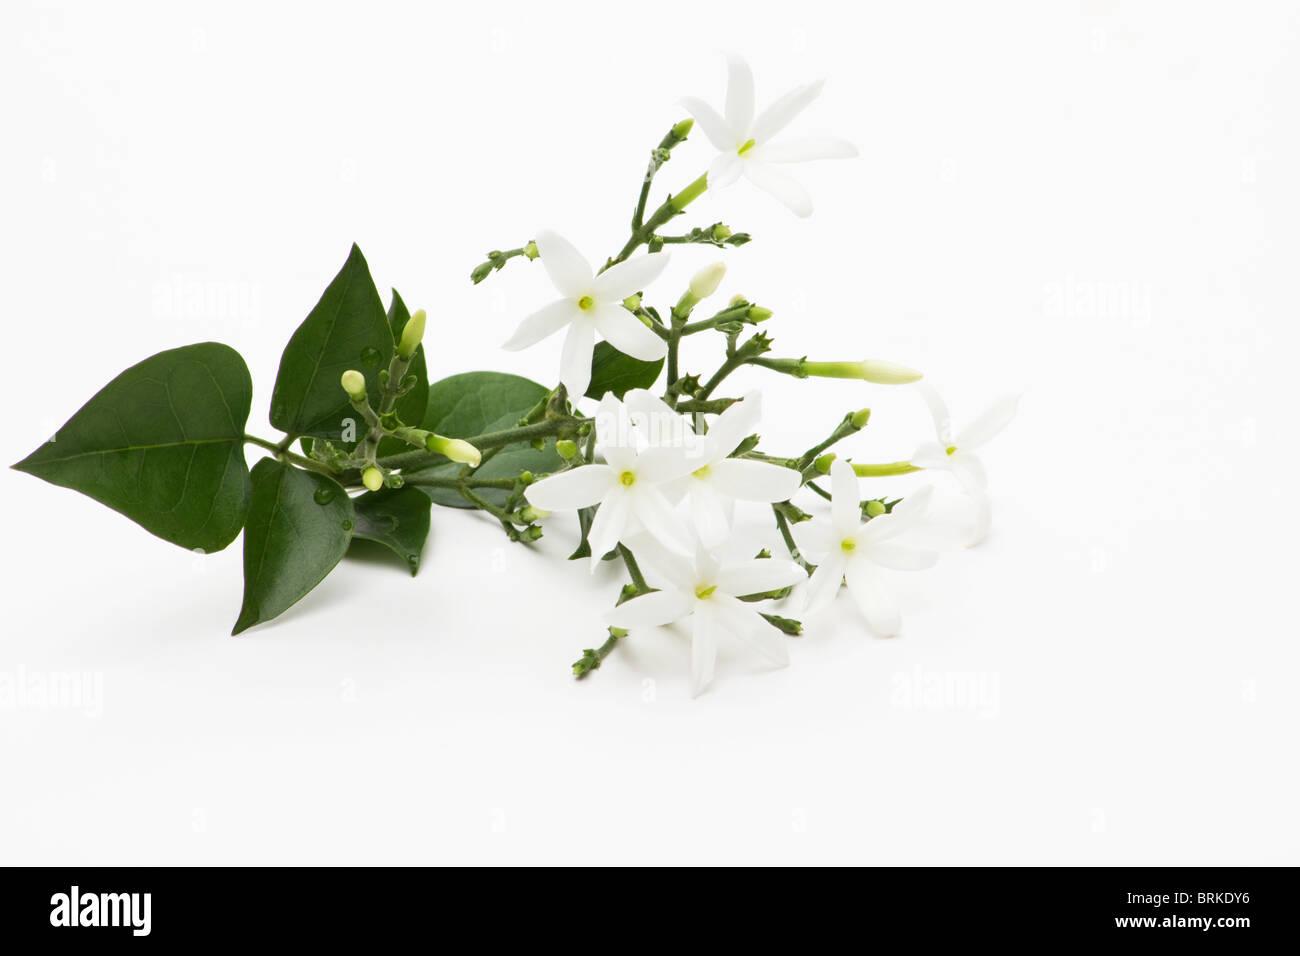 Azores Jasmine on white background - Stock Image